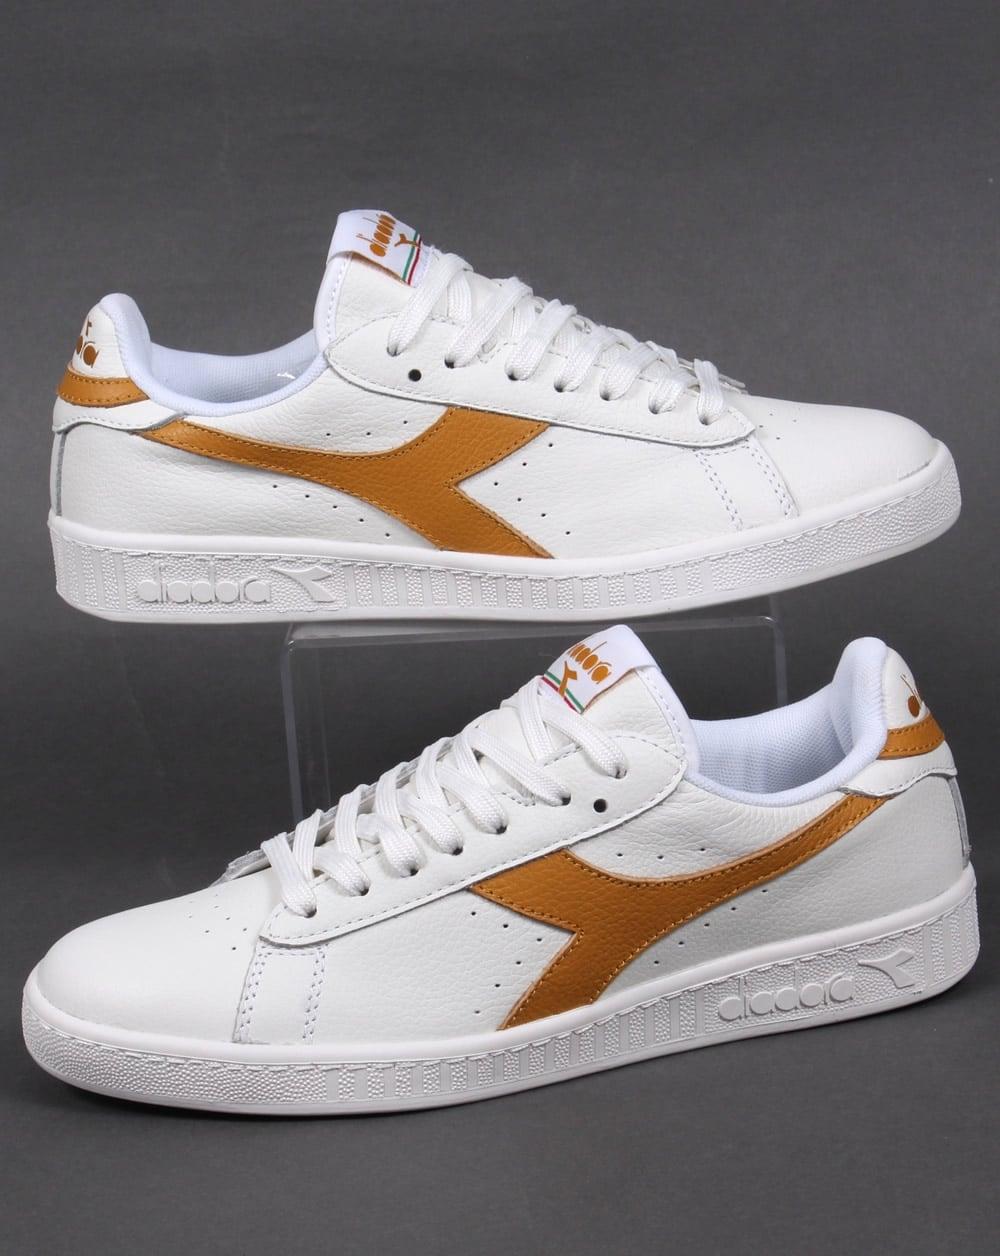 diadora game low waxed trainers white  gold borg elite 70s